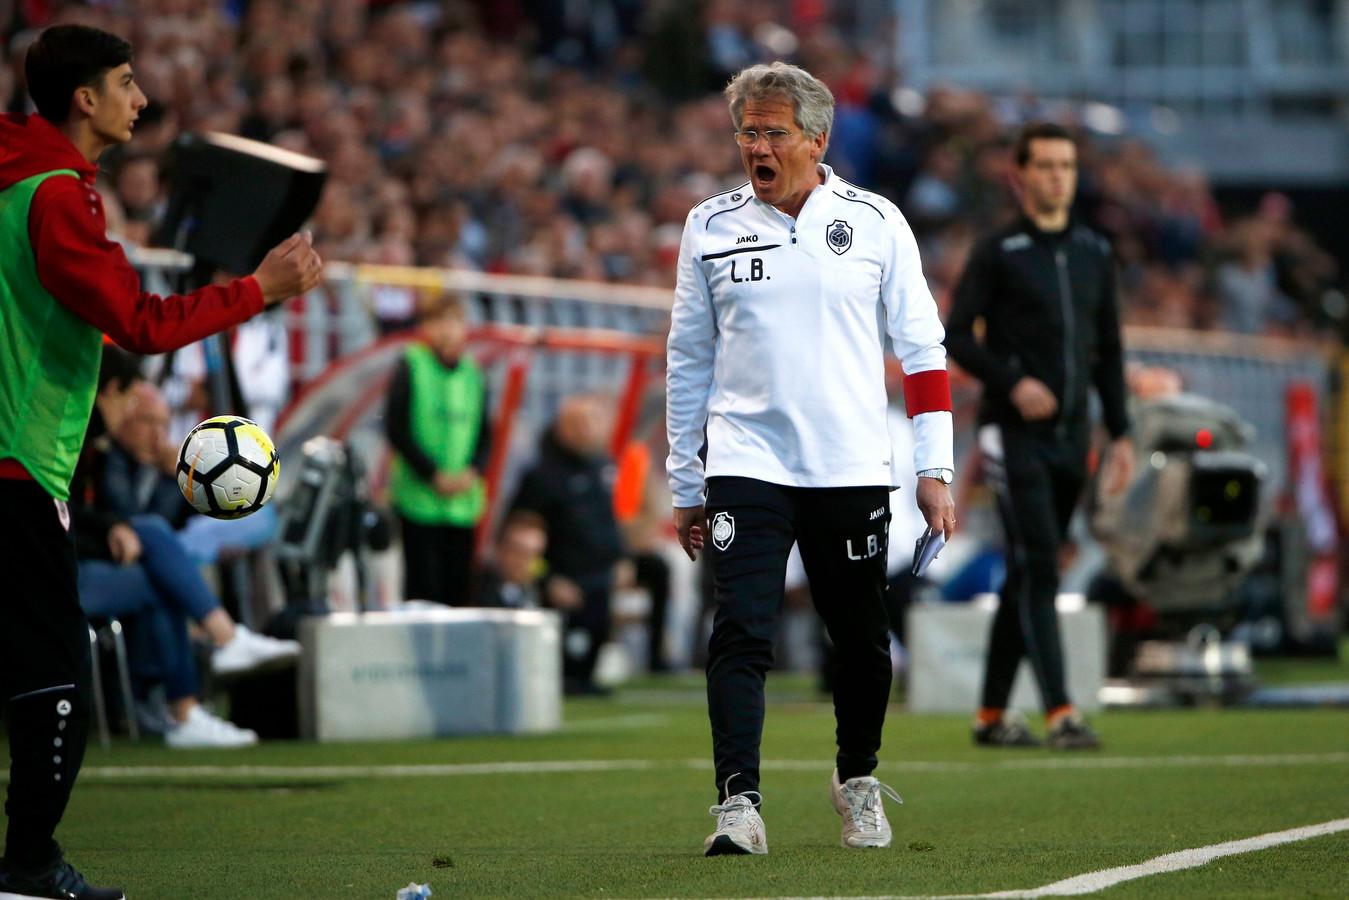 La défaite à Bruges n'entâche pas le bilan de l'Antwerp et de Laszlo Bölöni qui auront encore un devoir à remplir, dimanche prochain, avant les vacances.